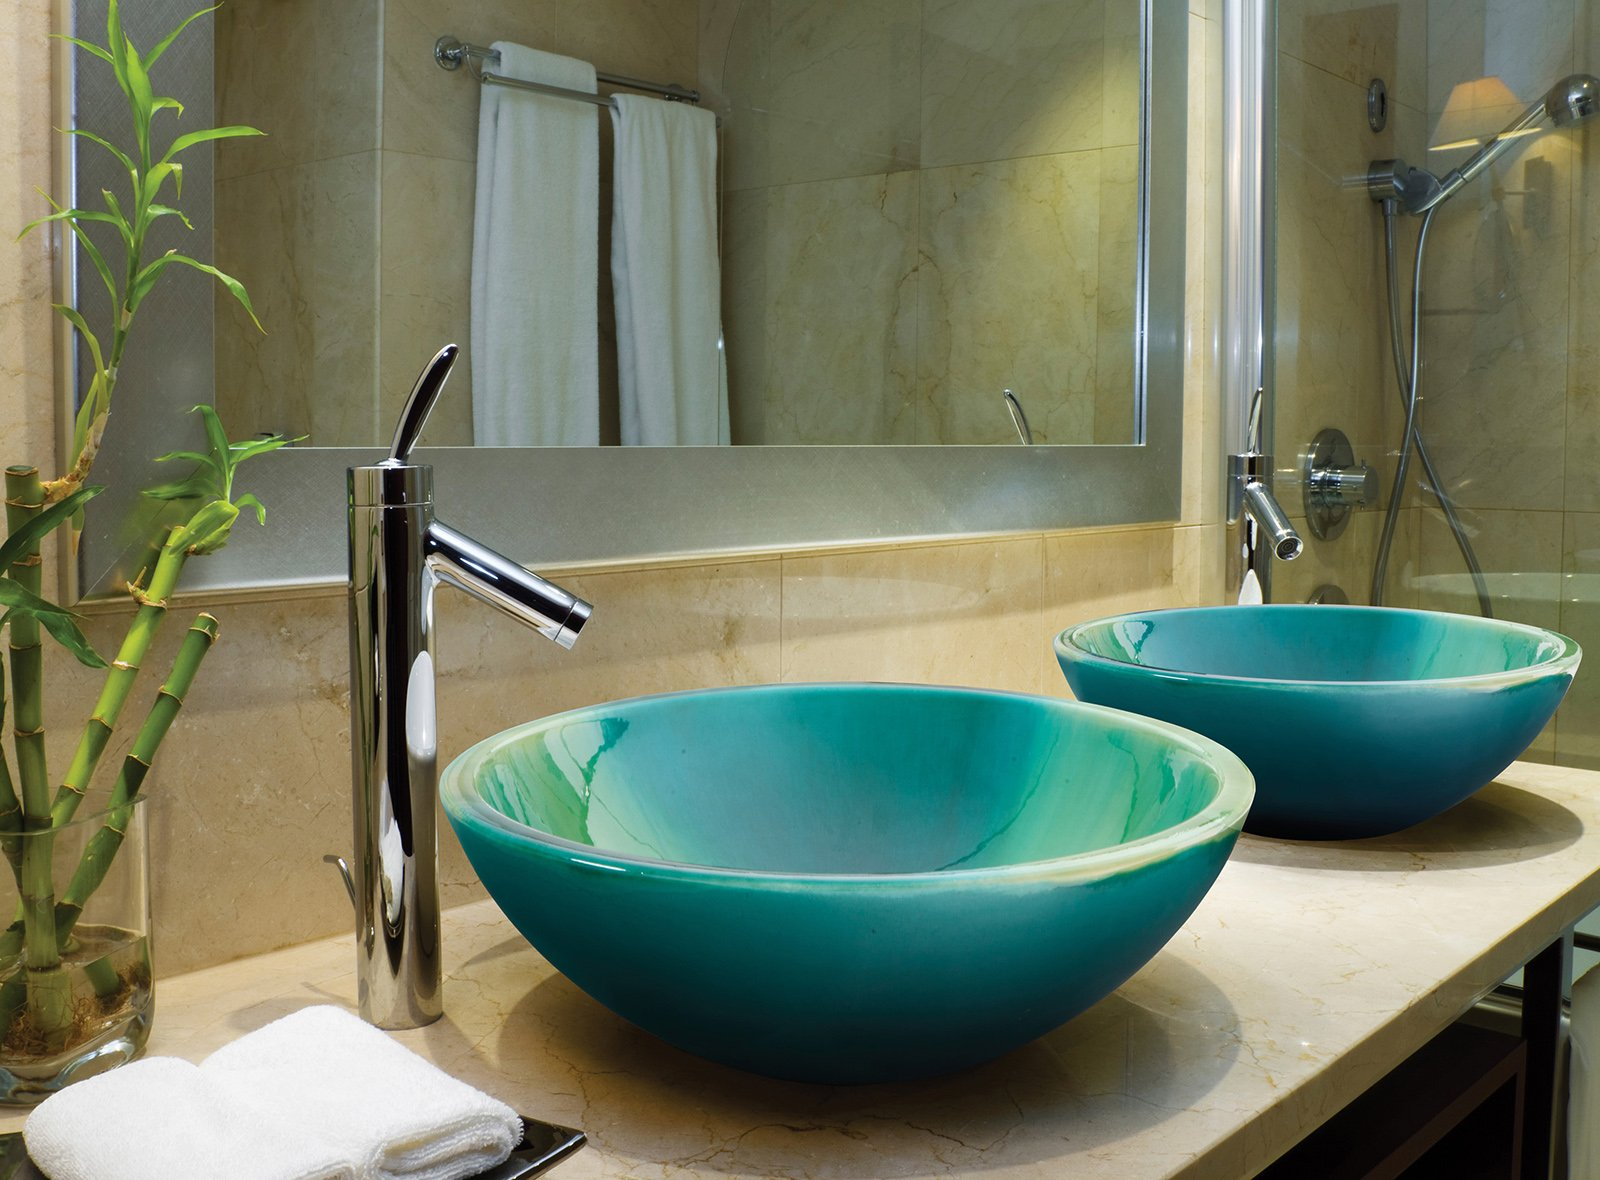 Lavabi colorati per un bagno di design - Cose di Casa